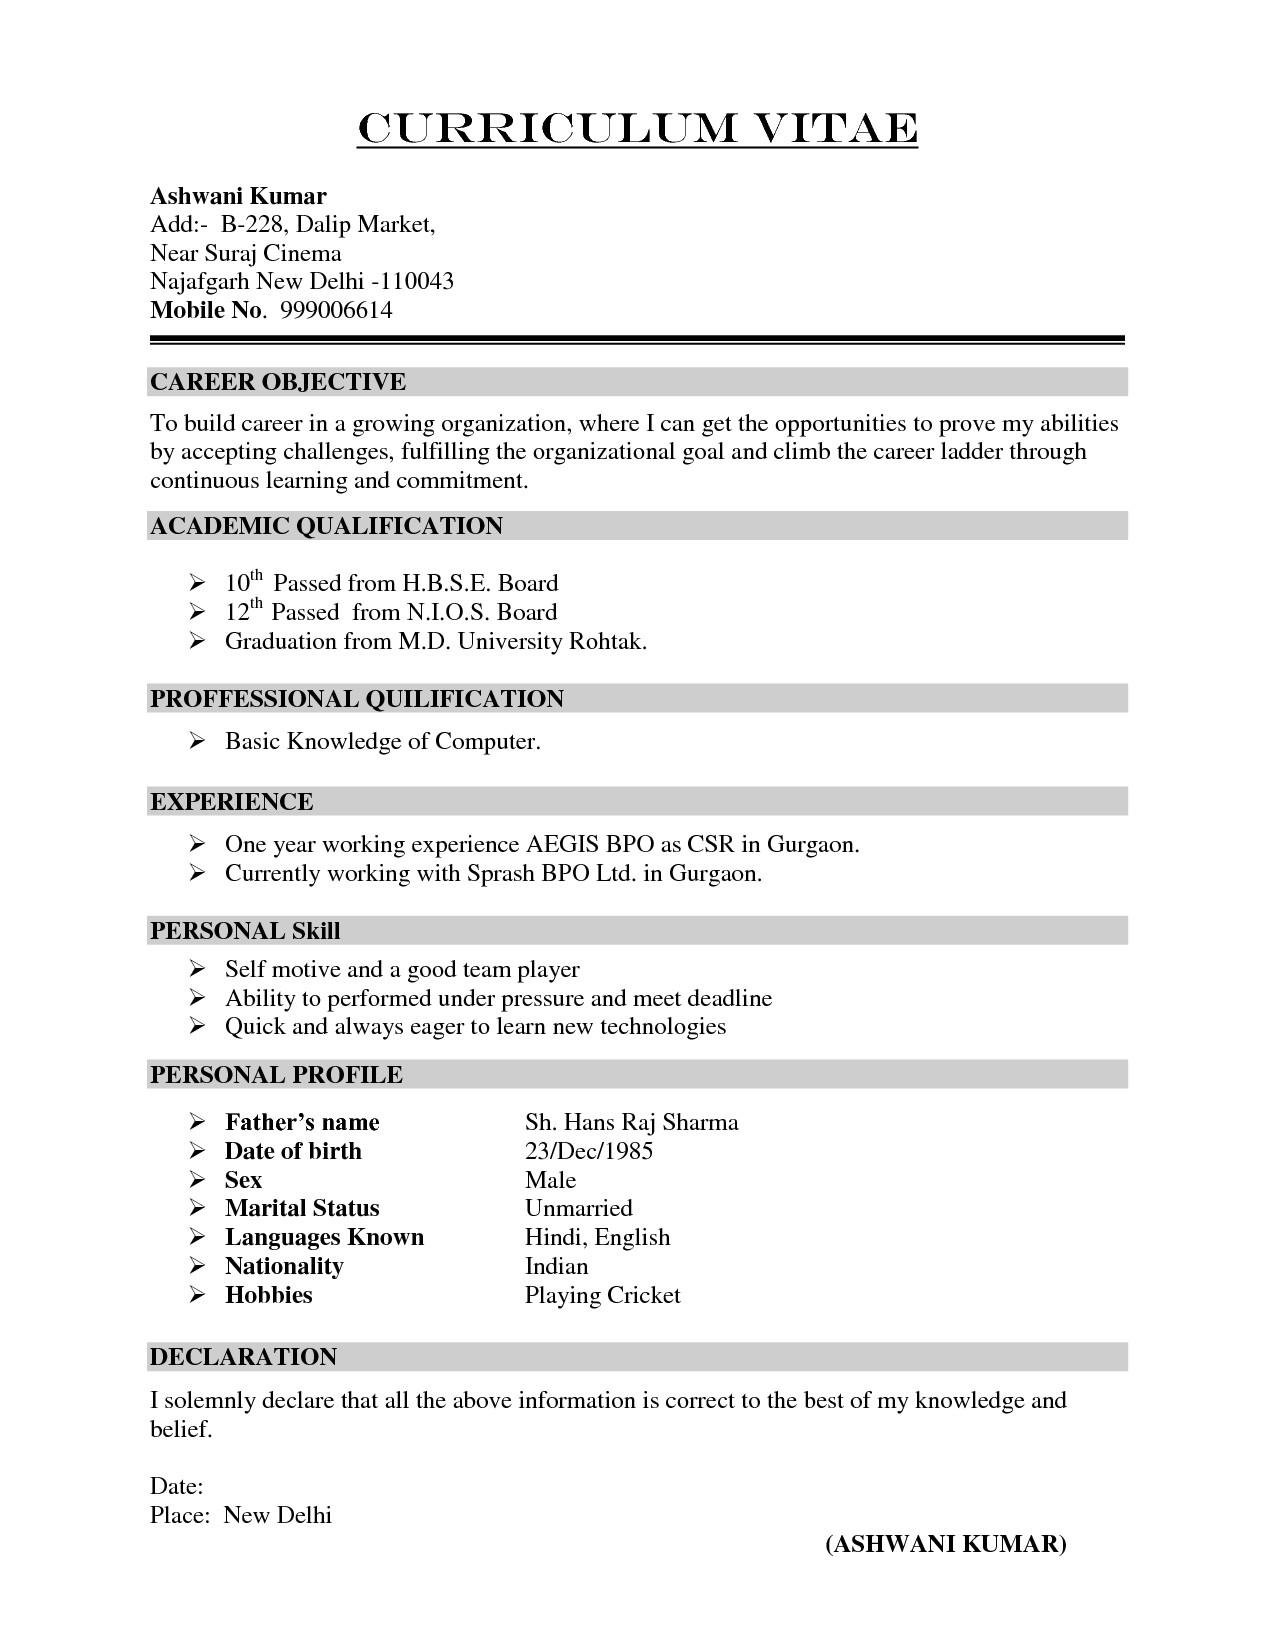 examples curriculum vitae template